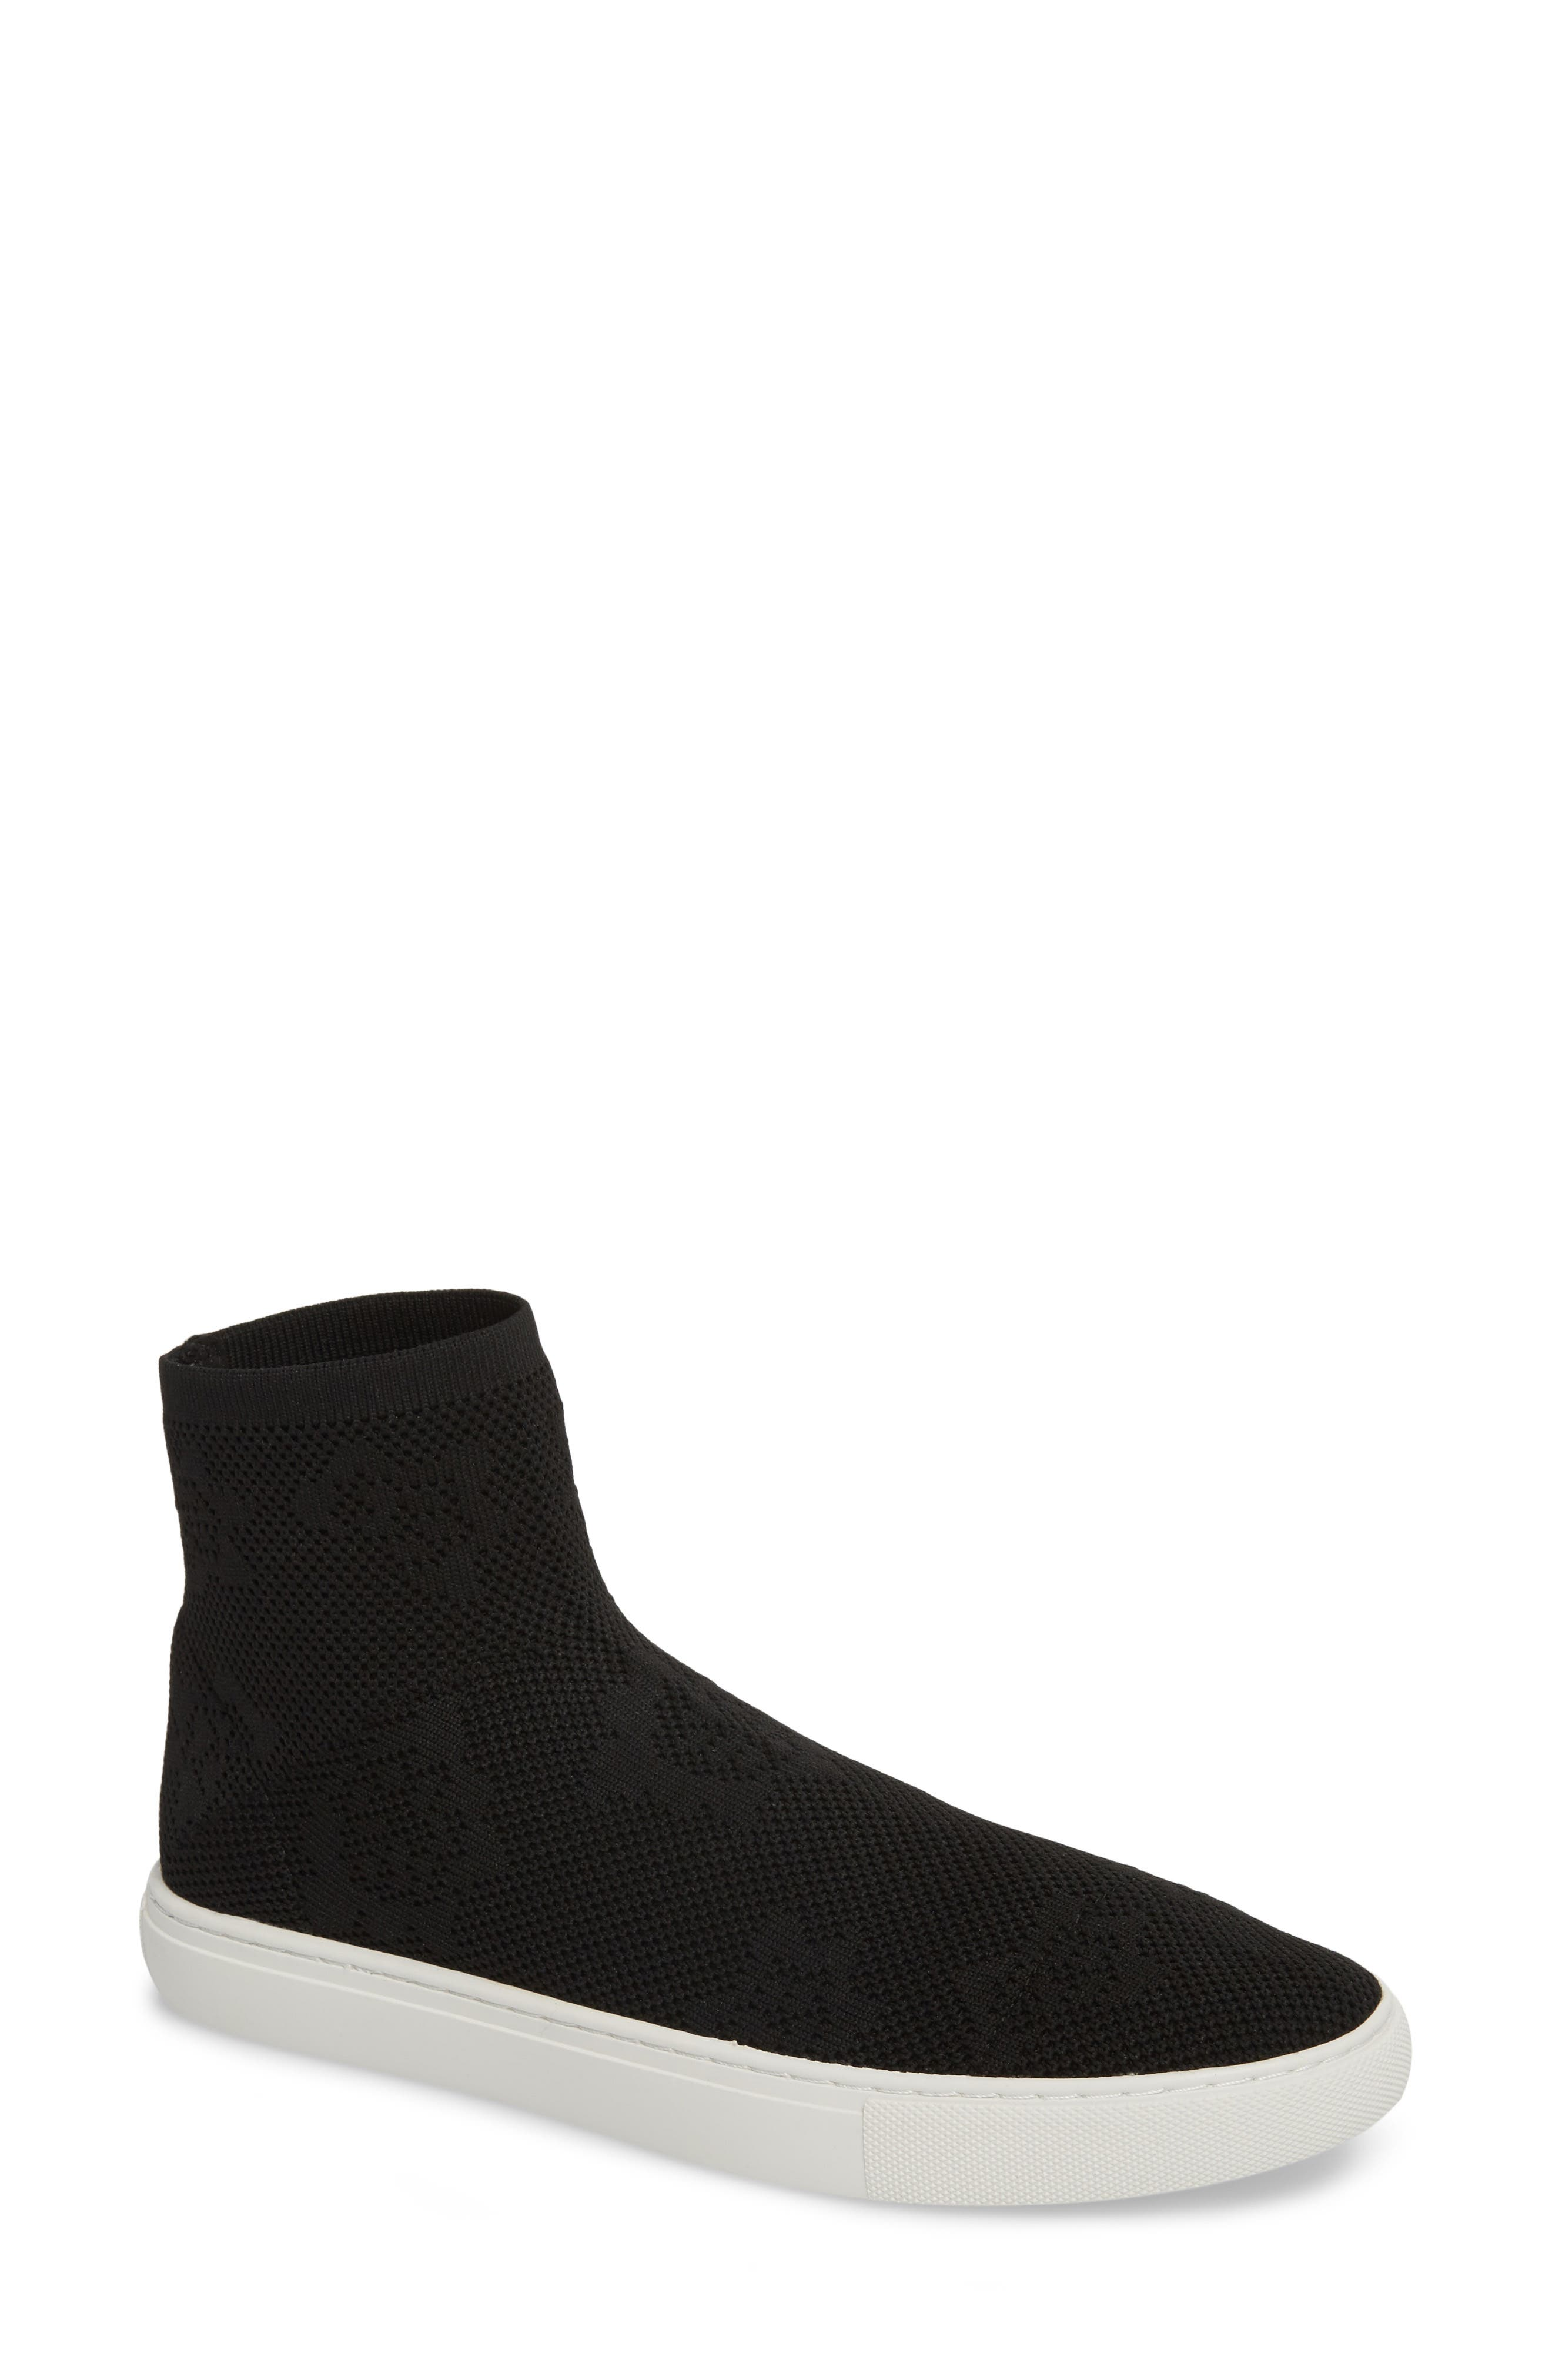 Keating Sneaker,                         Main,                         color, 001